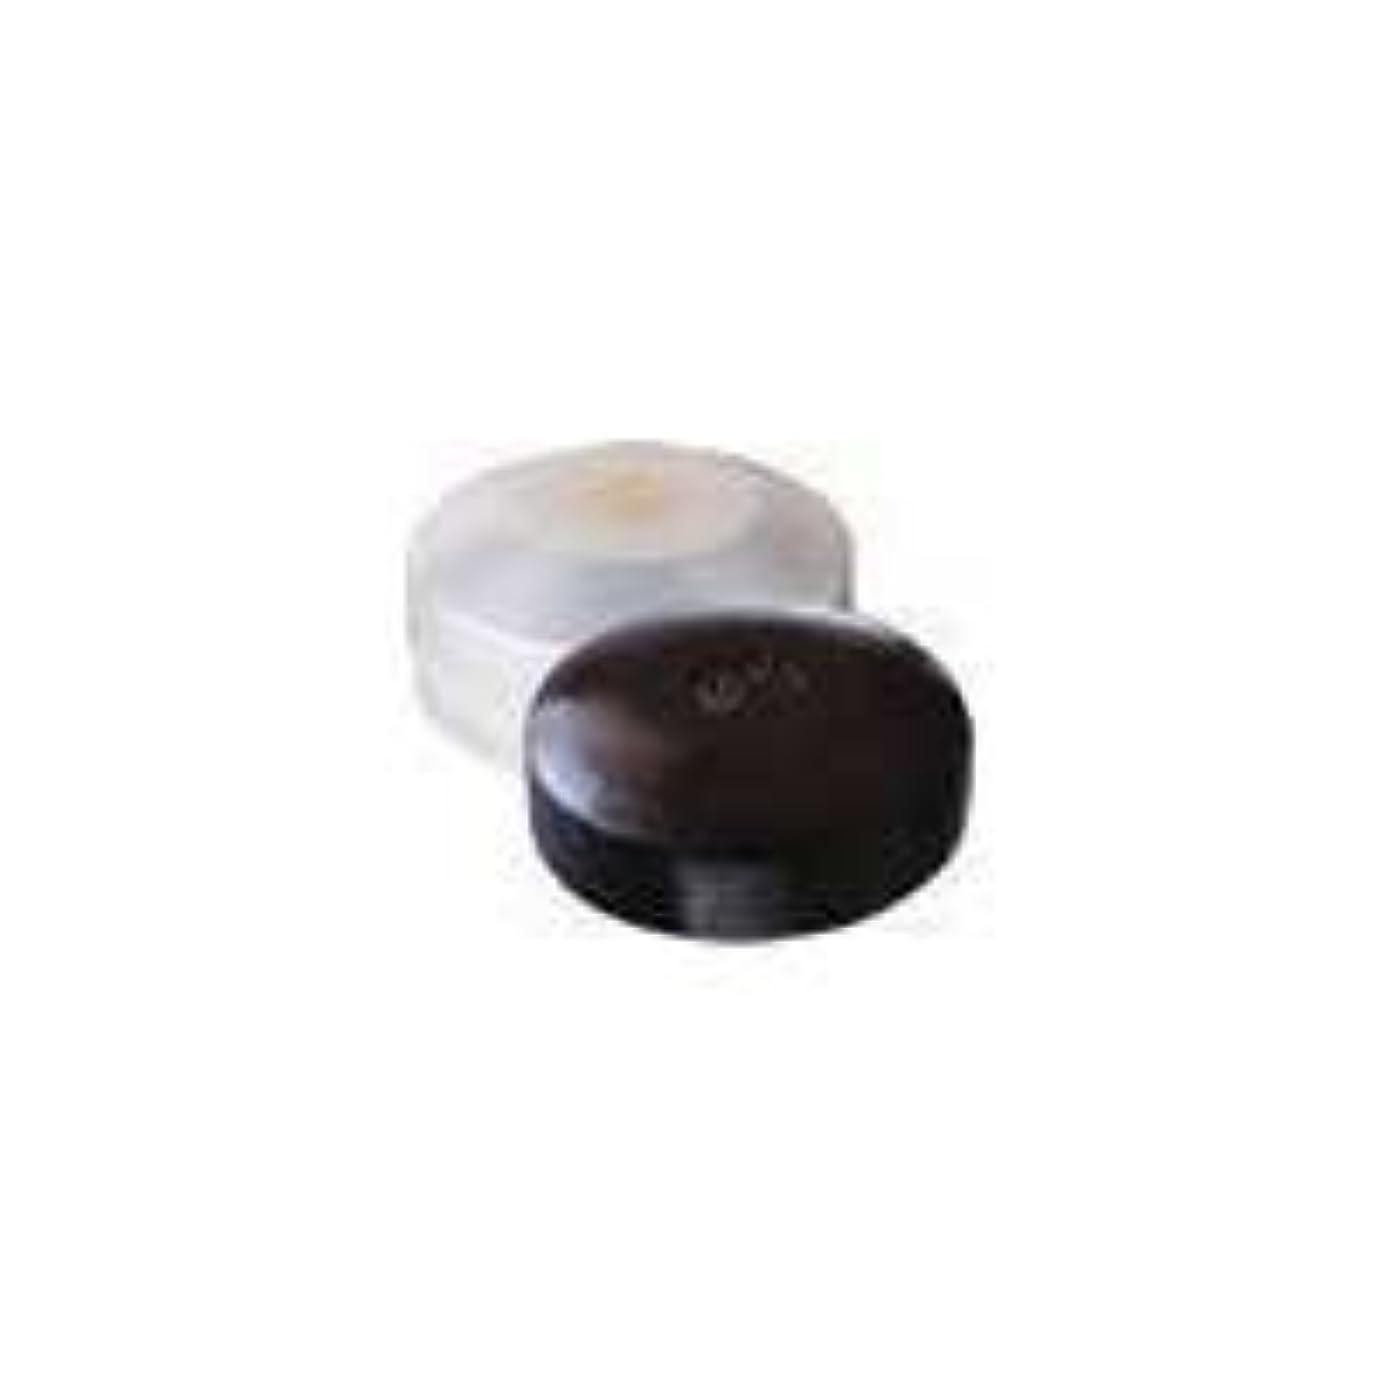 異議ビットアンビエントマミヤンアロエ基礎化粧品シリーズ アロエクセルソープ 120g(ケース有) まろやかな泡立ち透明石鹸